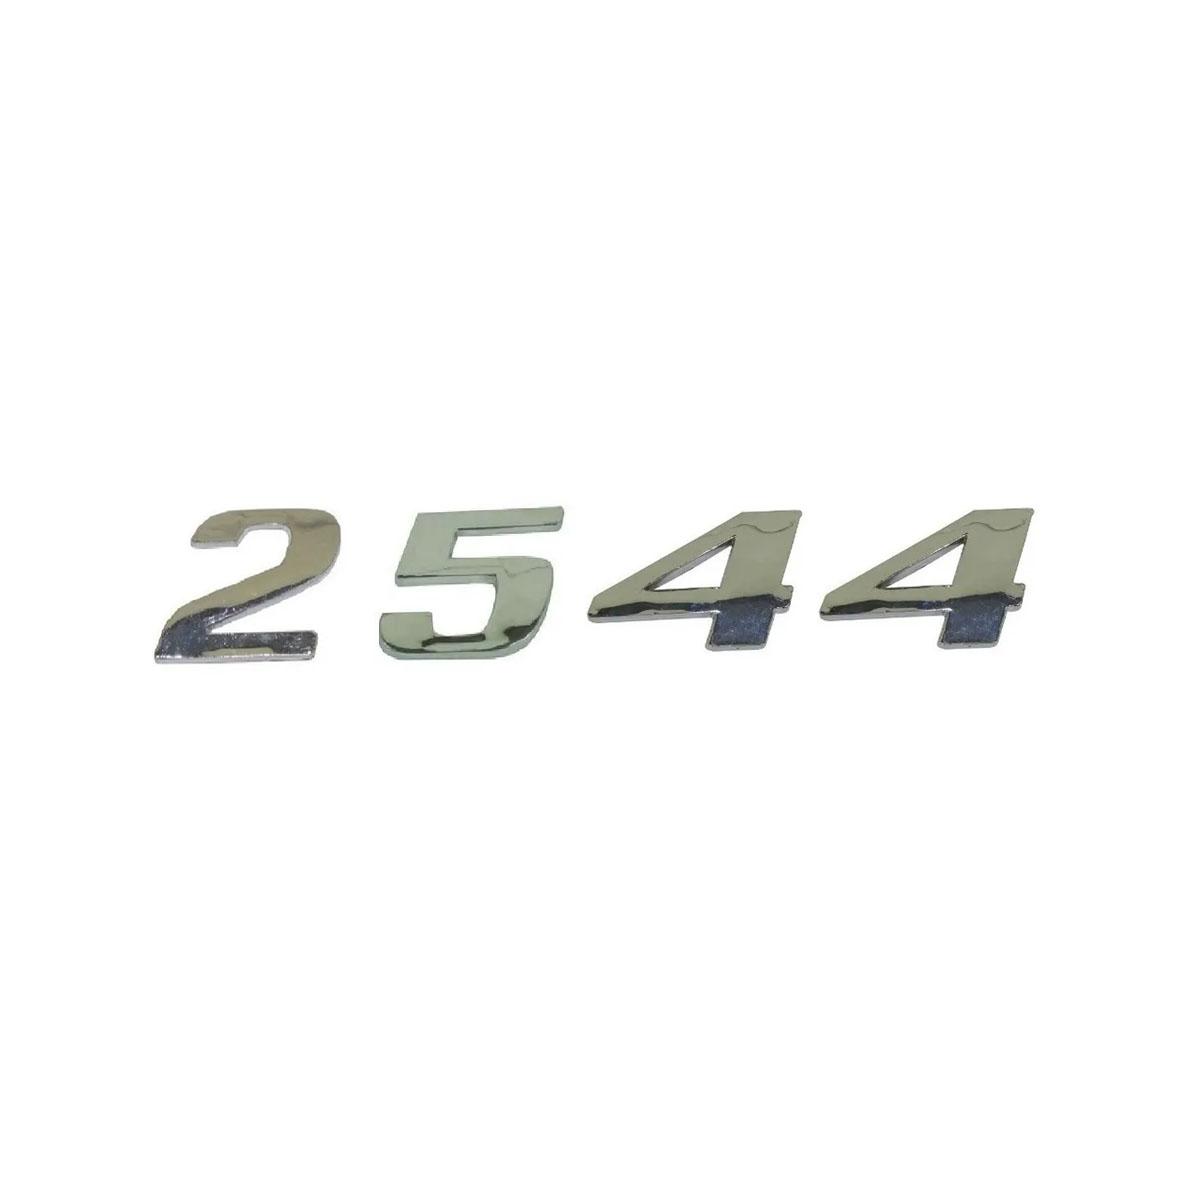 Emblema Mb Axor 2544 Cromado